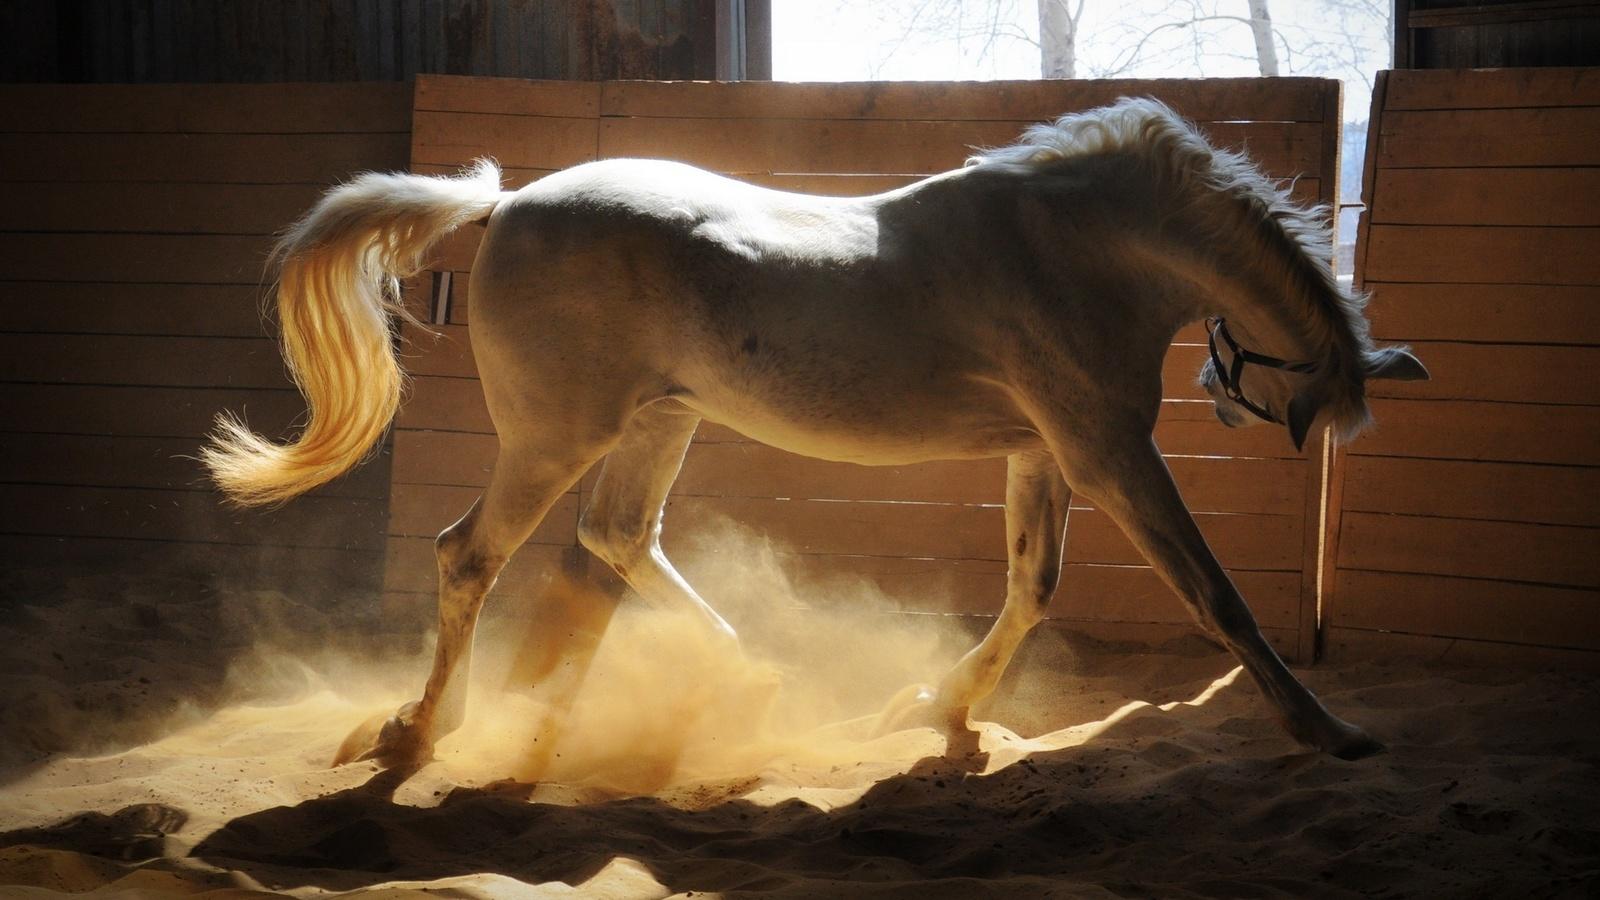 белая лошадка, играет в стойле, пыль